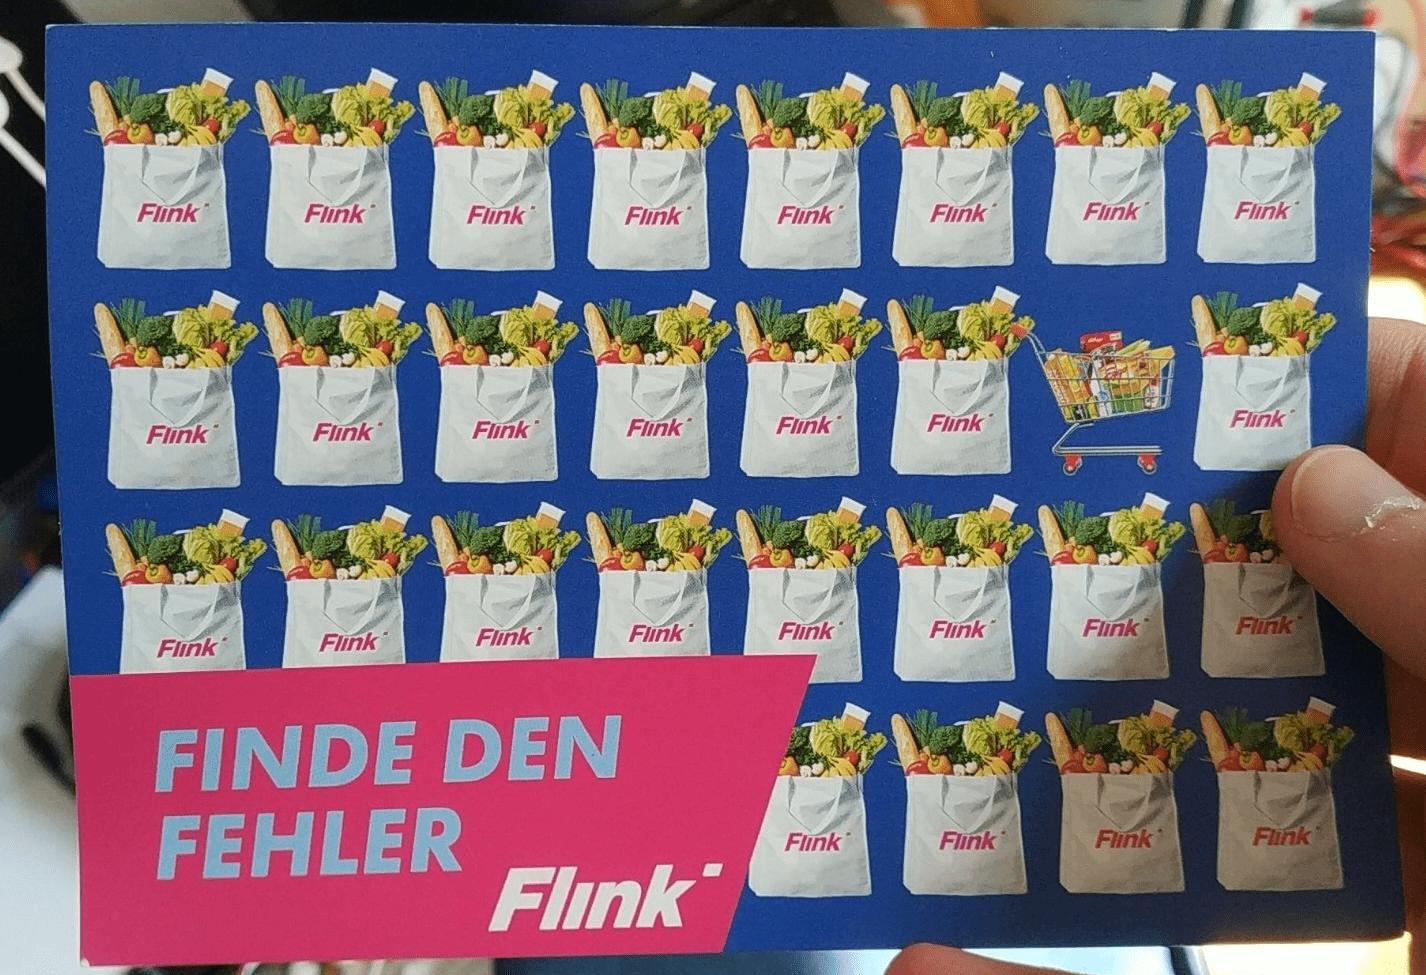 Werbe-Postkarte von Flink mit dem Slogan 'Finde den Fehler'